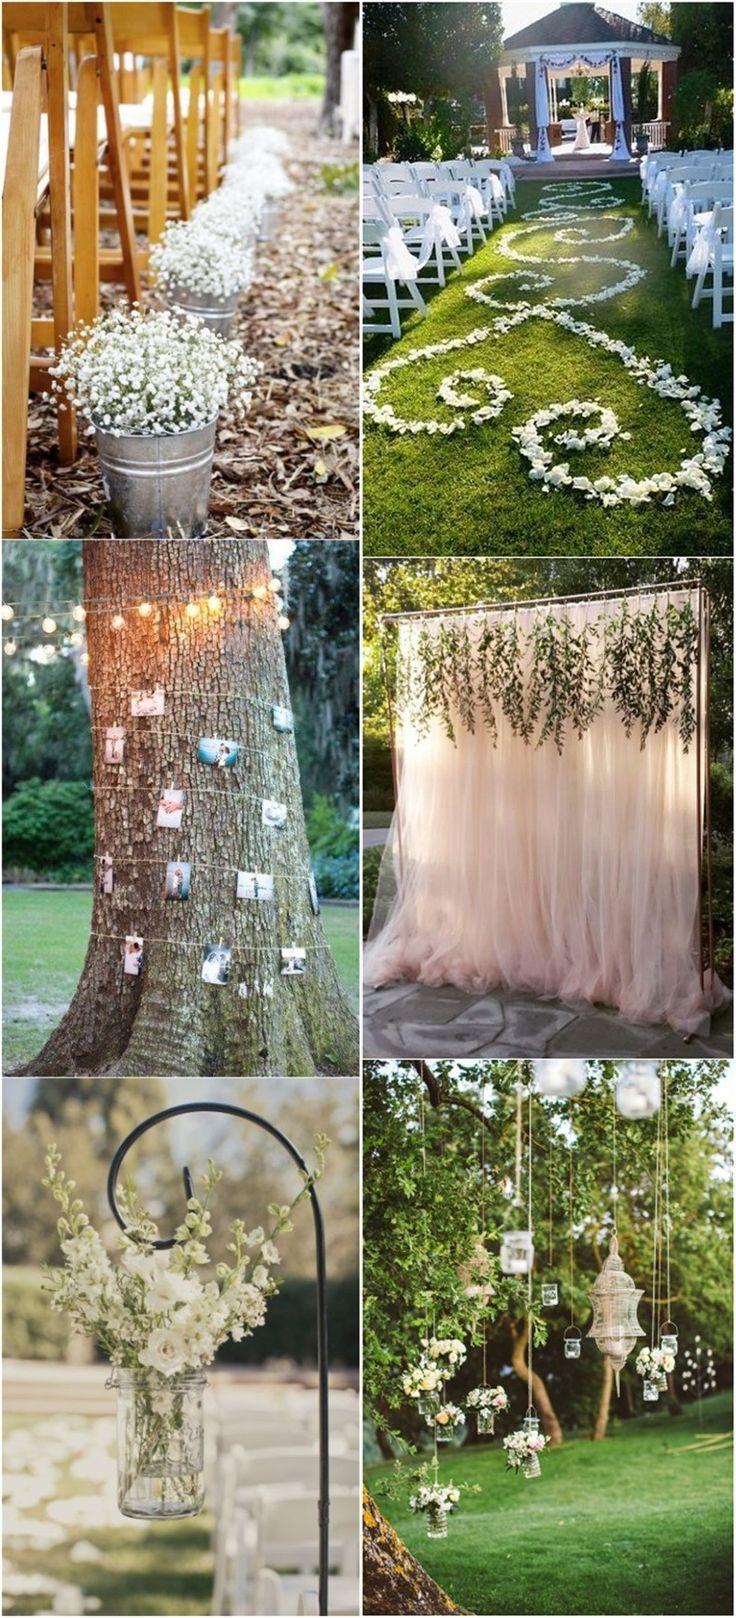 Mariage - 20  Genius Outdoor Wedding Ideas